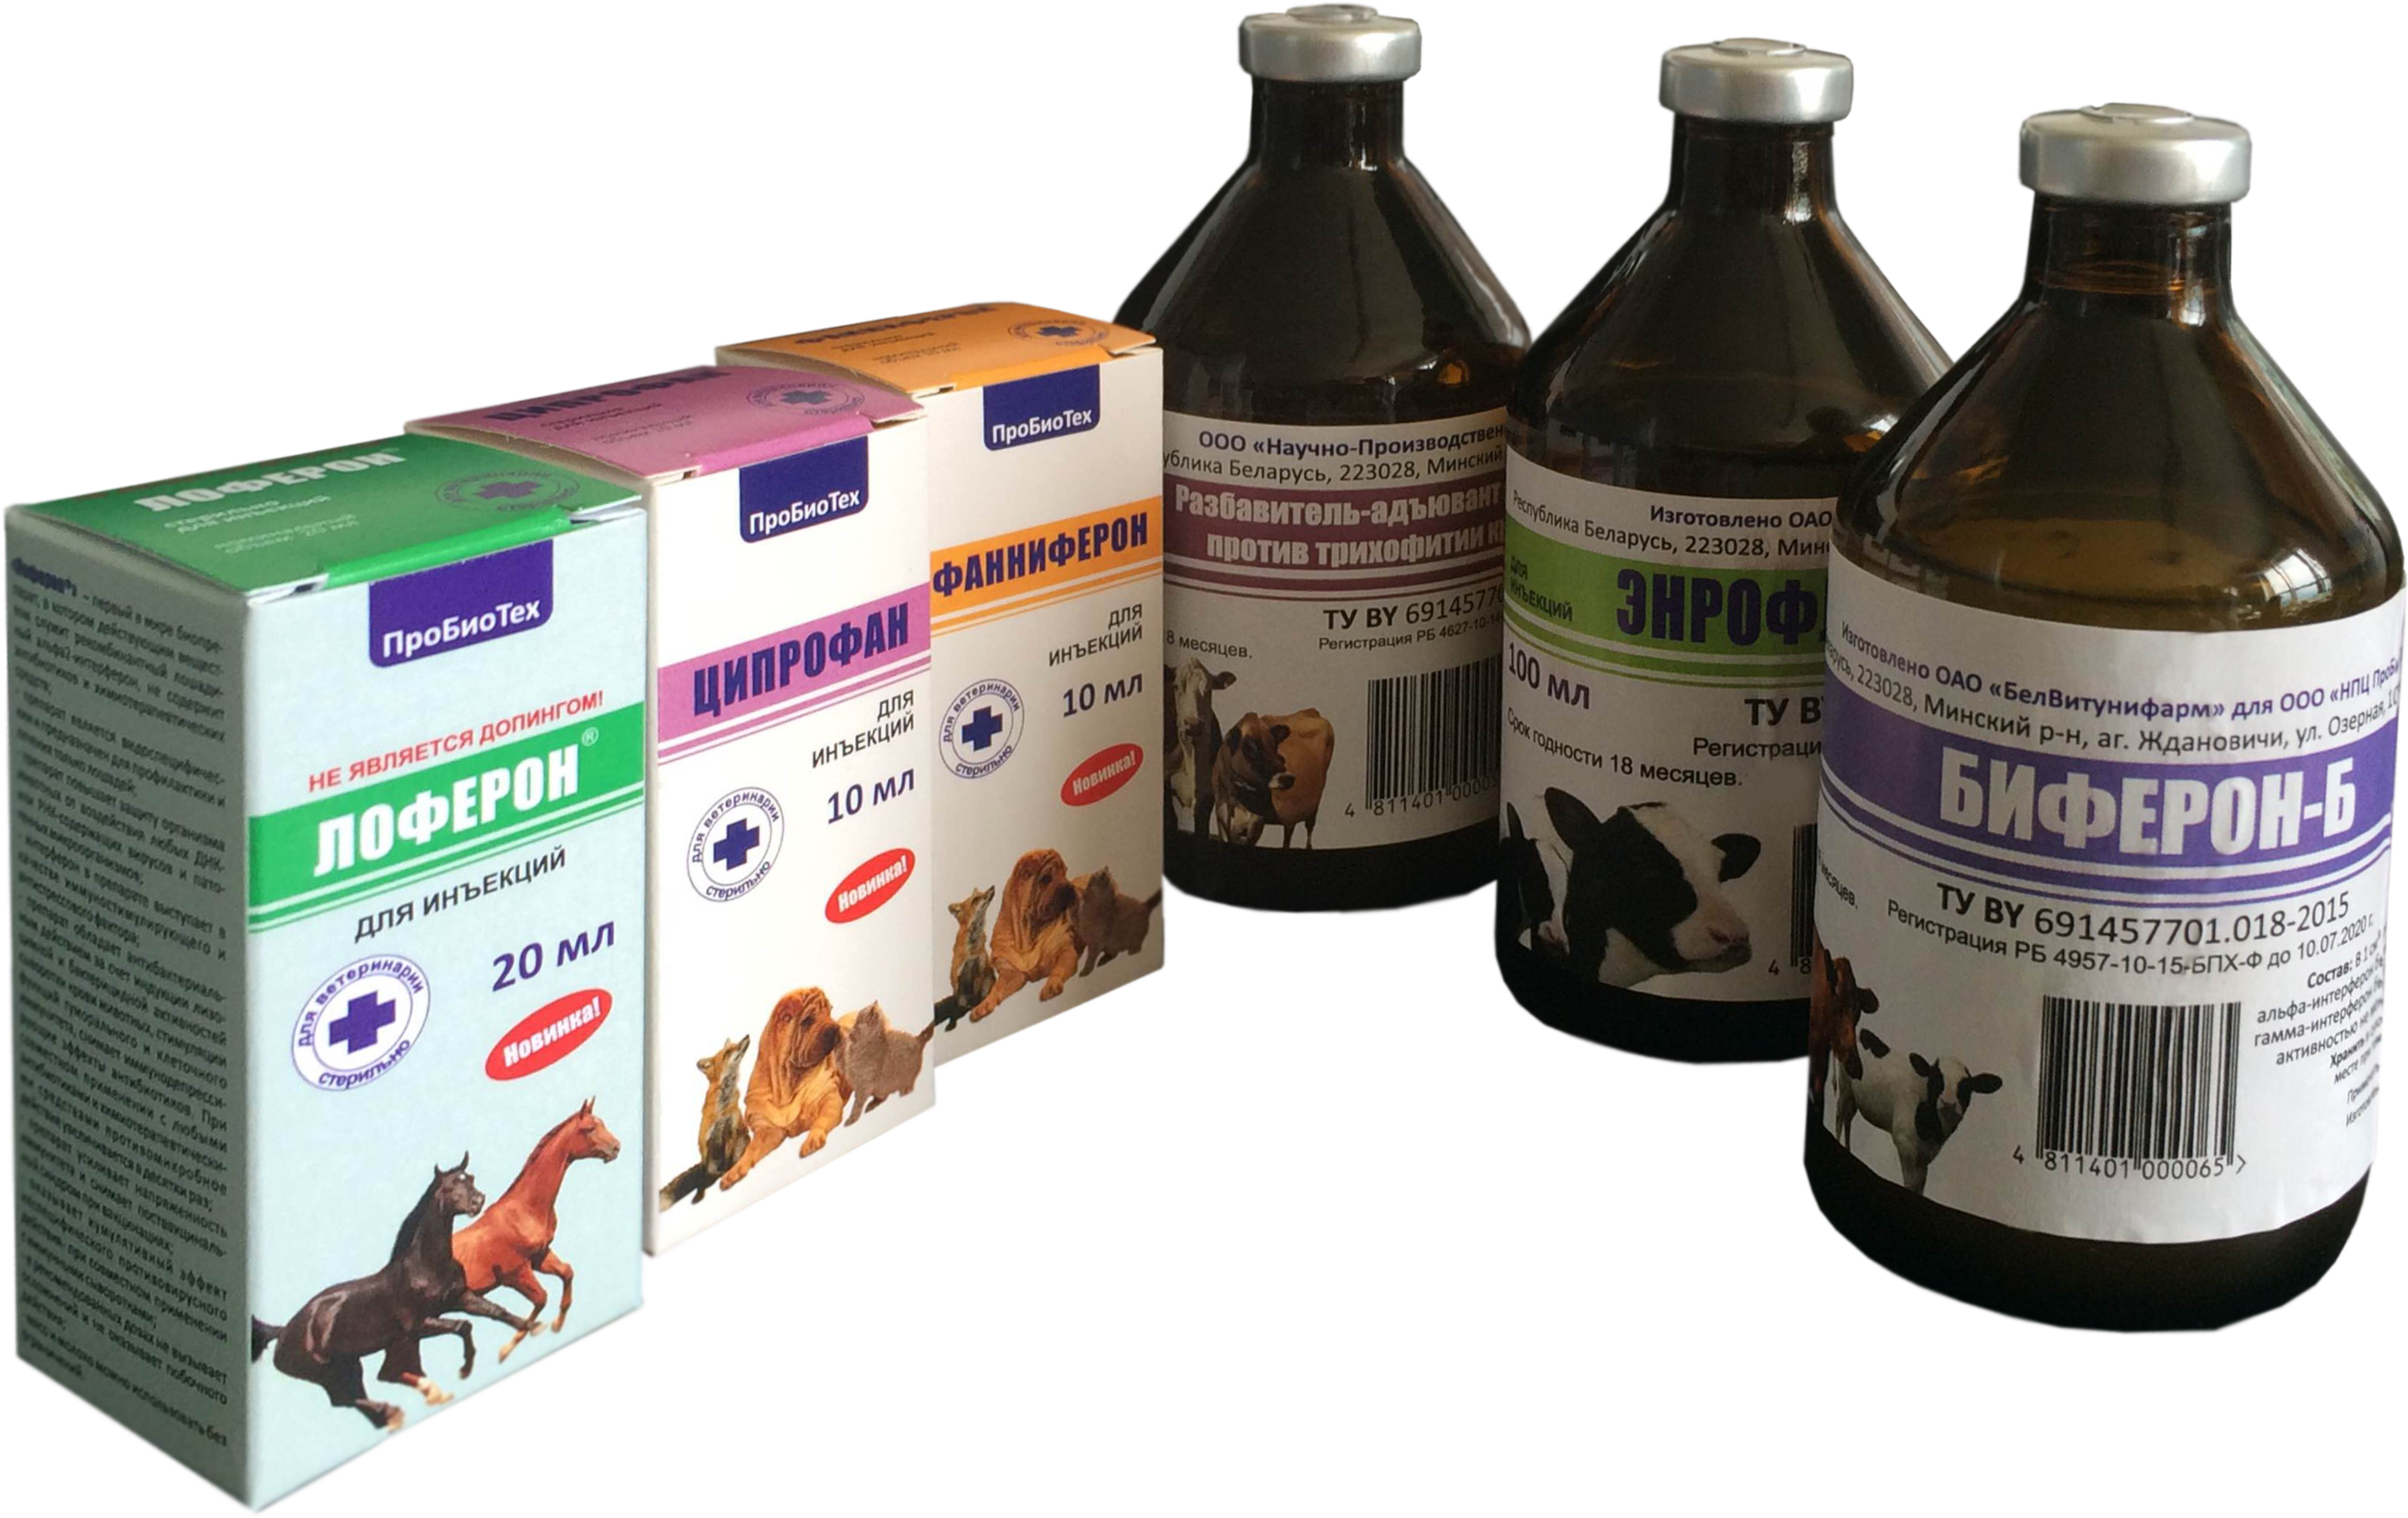 Офлосан – инструкция по применению в ветеринарии, дозировки